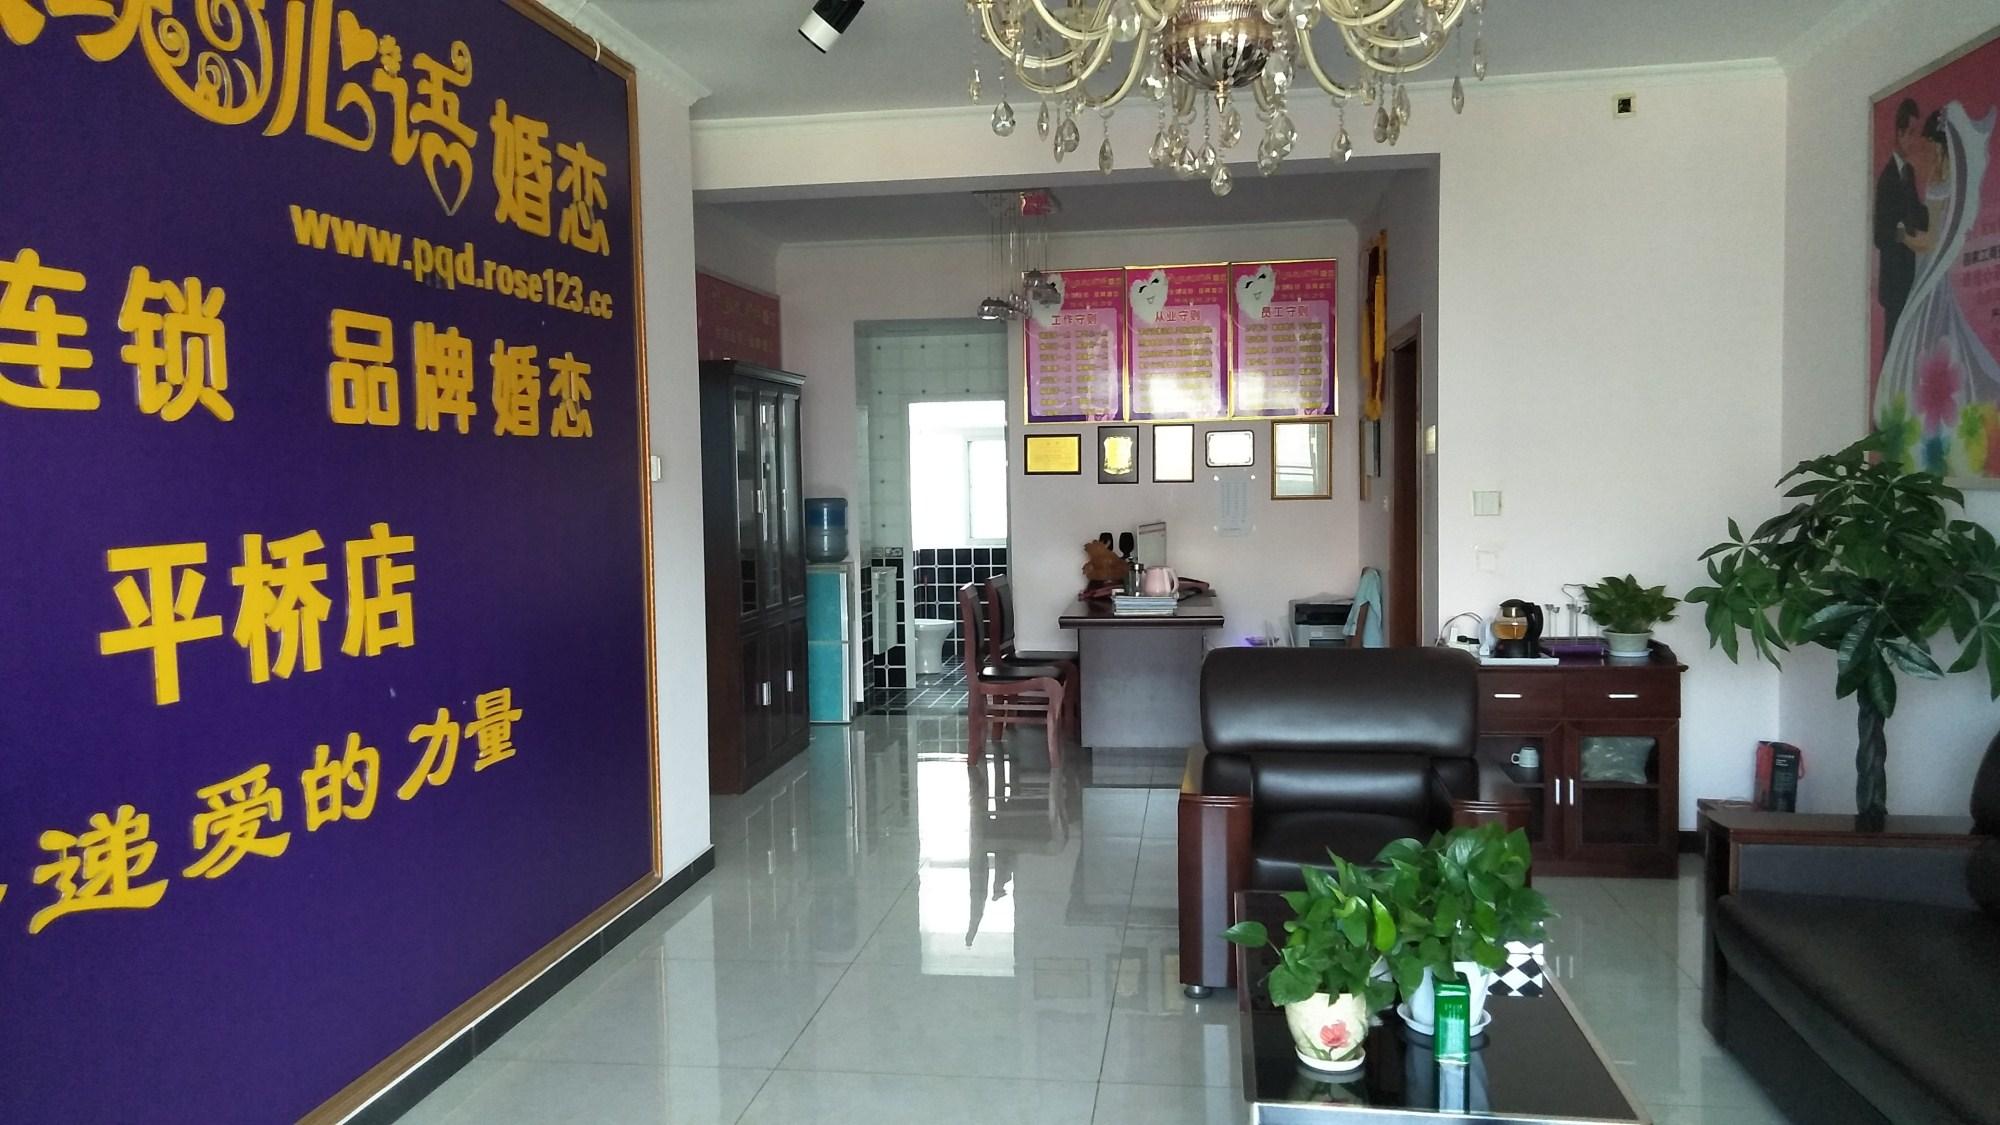 玫瑰心语婚恋办公环境优美,为单身男女提供温馨的恋爱空间!